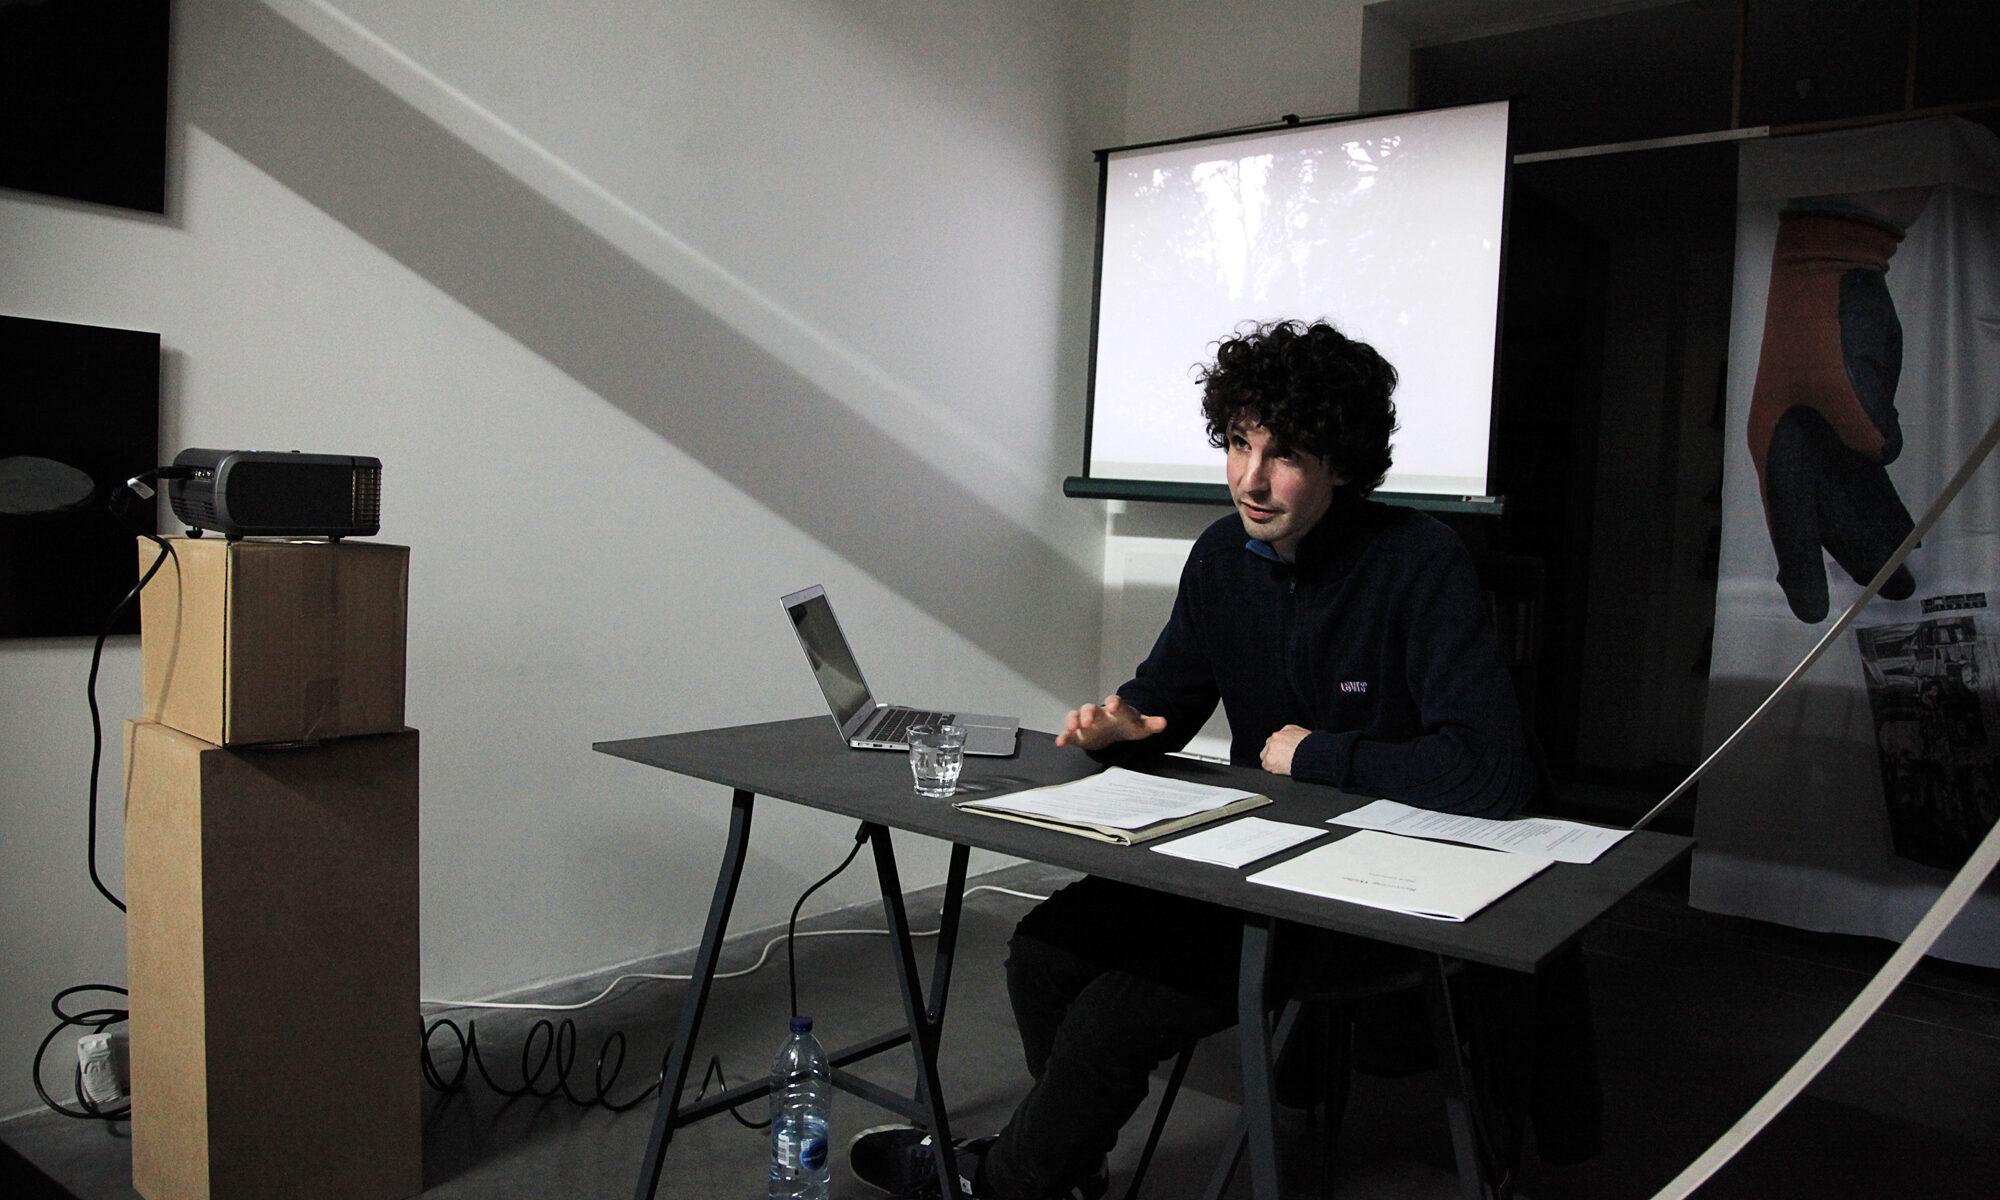 Nick Geboers, Tique - Artspace, Antwerp